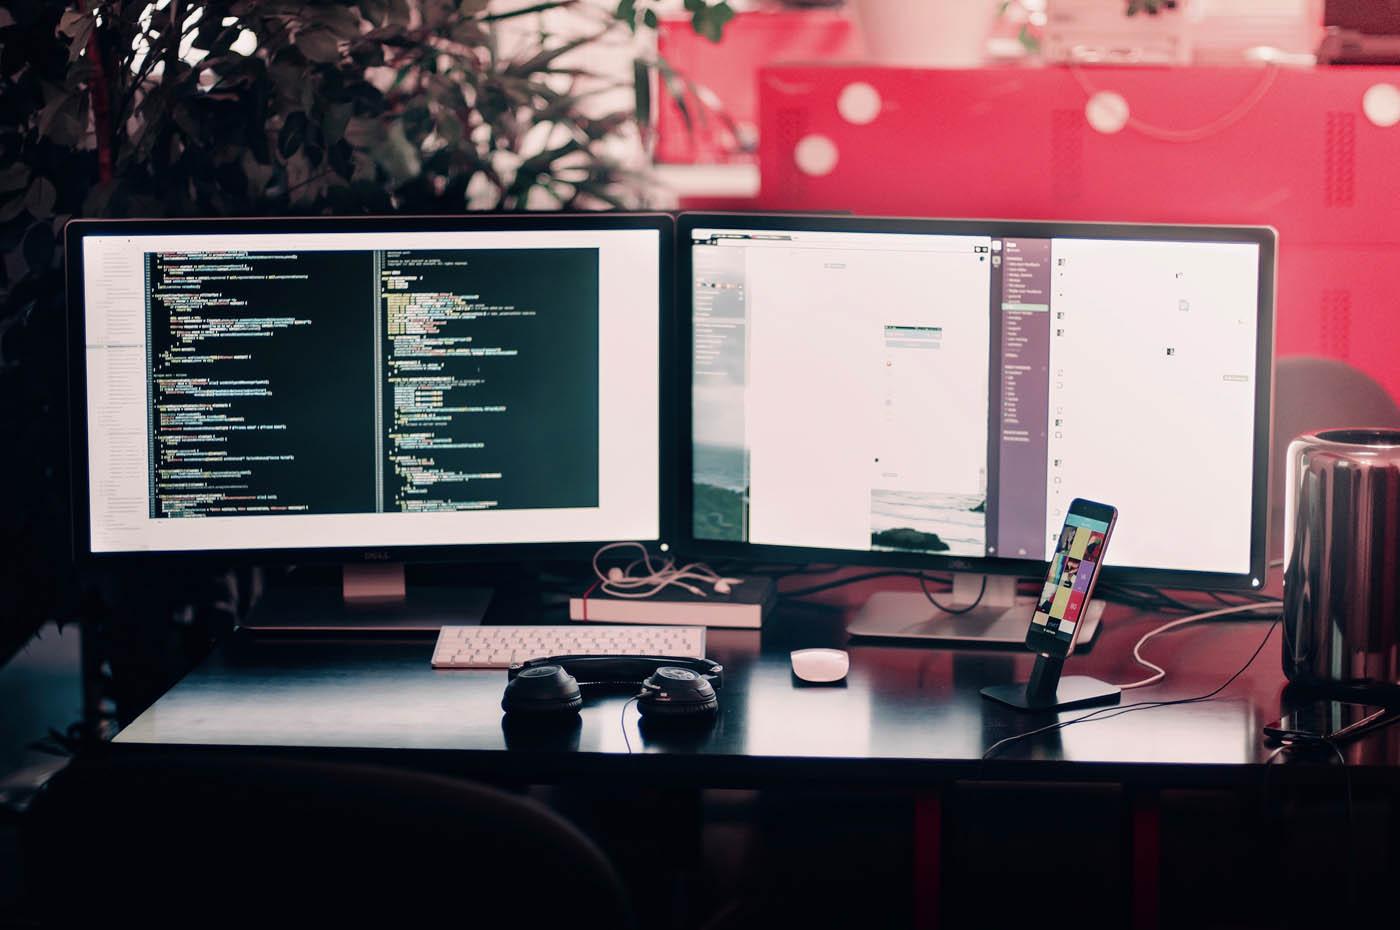 Online-Shop aufbauen: Ist das sinnvoll?